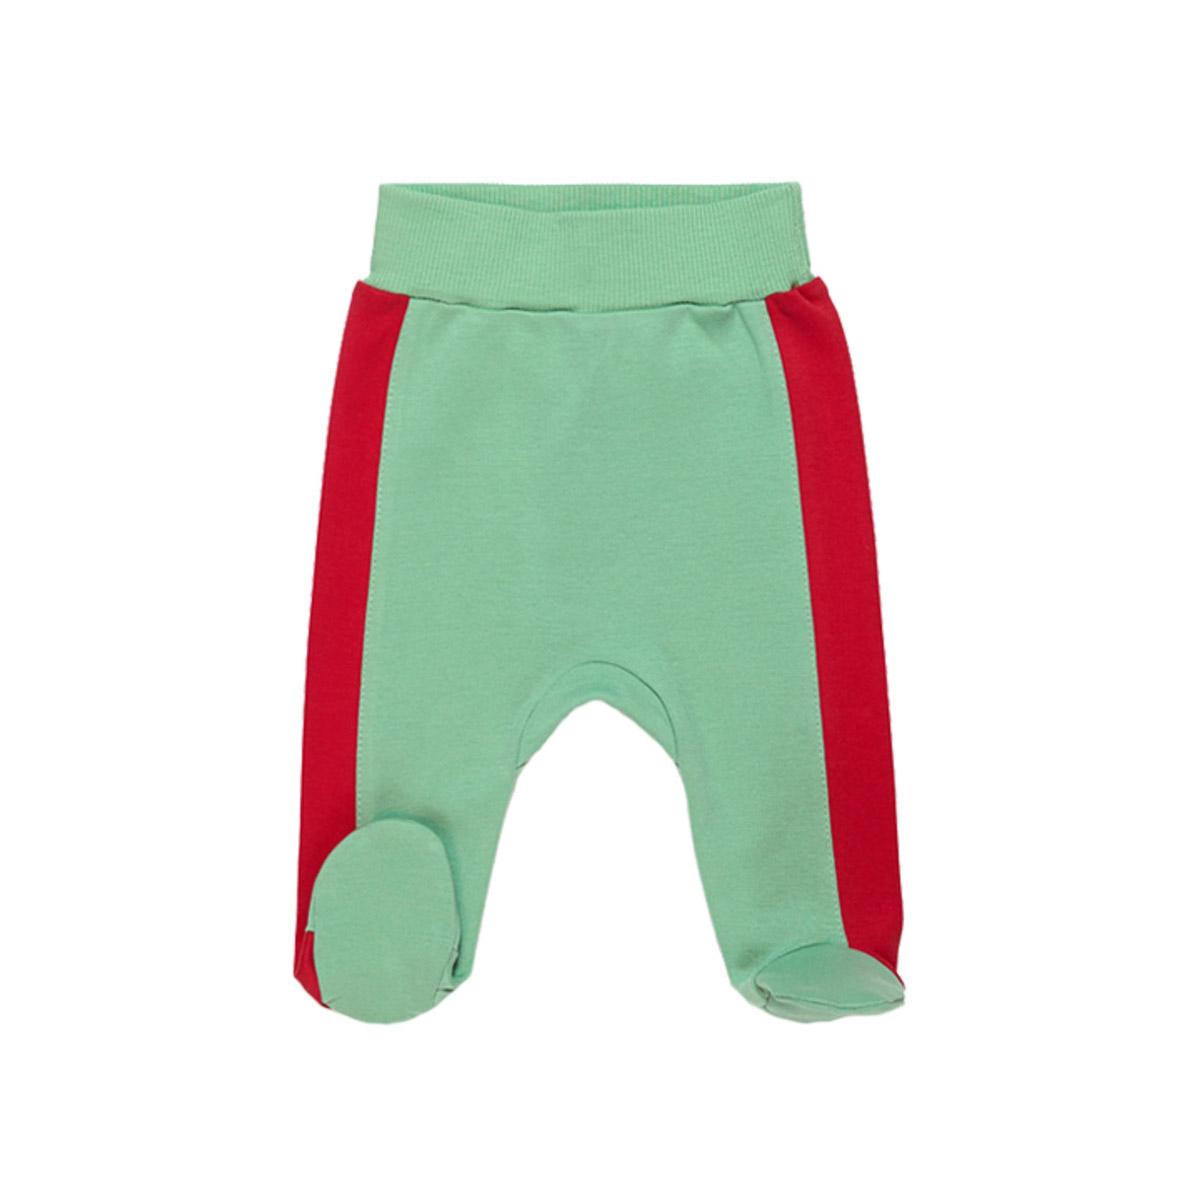 Ползунки с ножками Ёмаё Кони в яблоках (26-236) рост 62 светло зеленый<br>